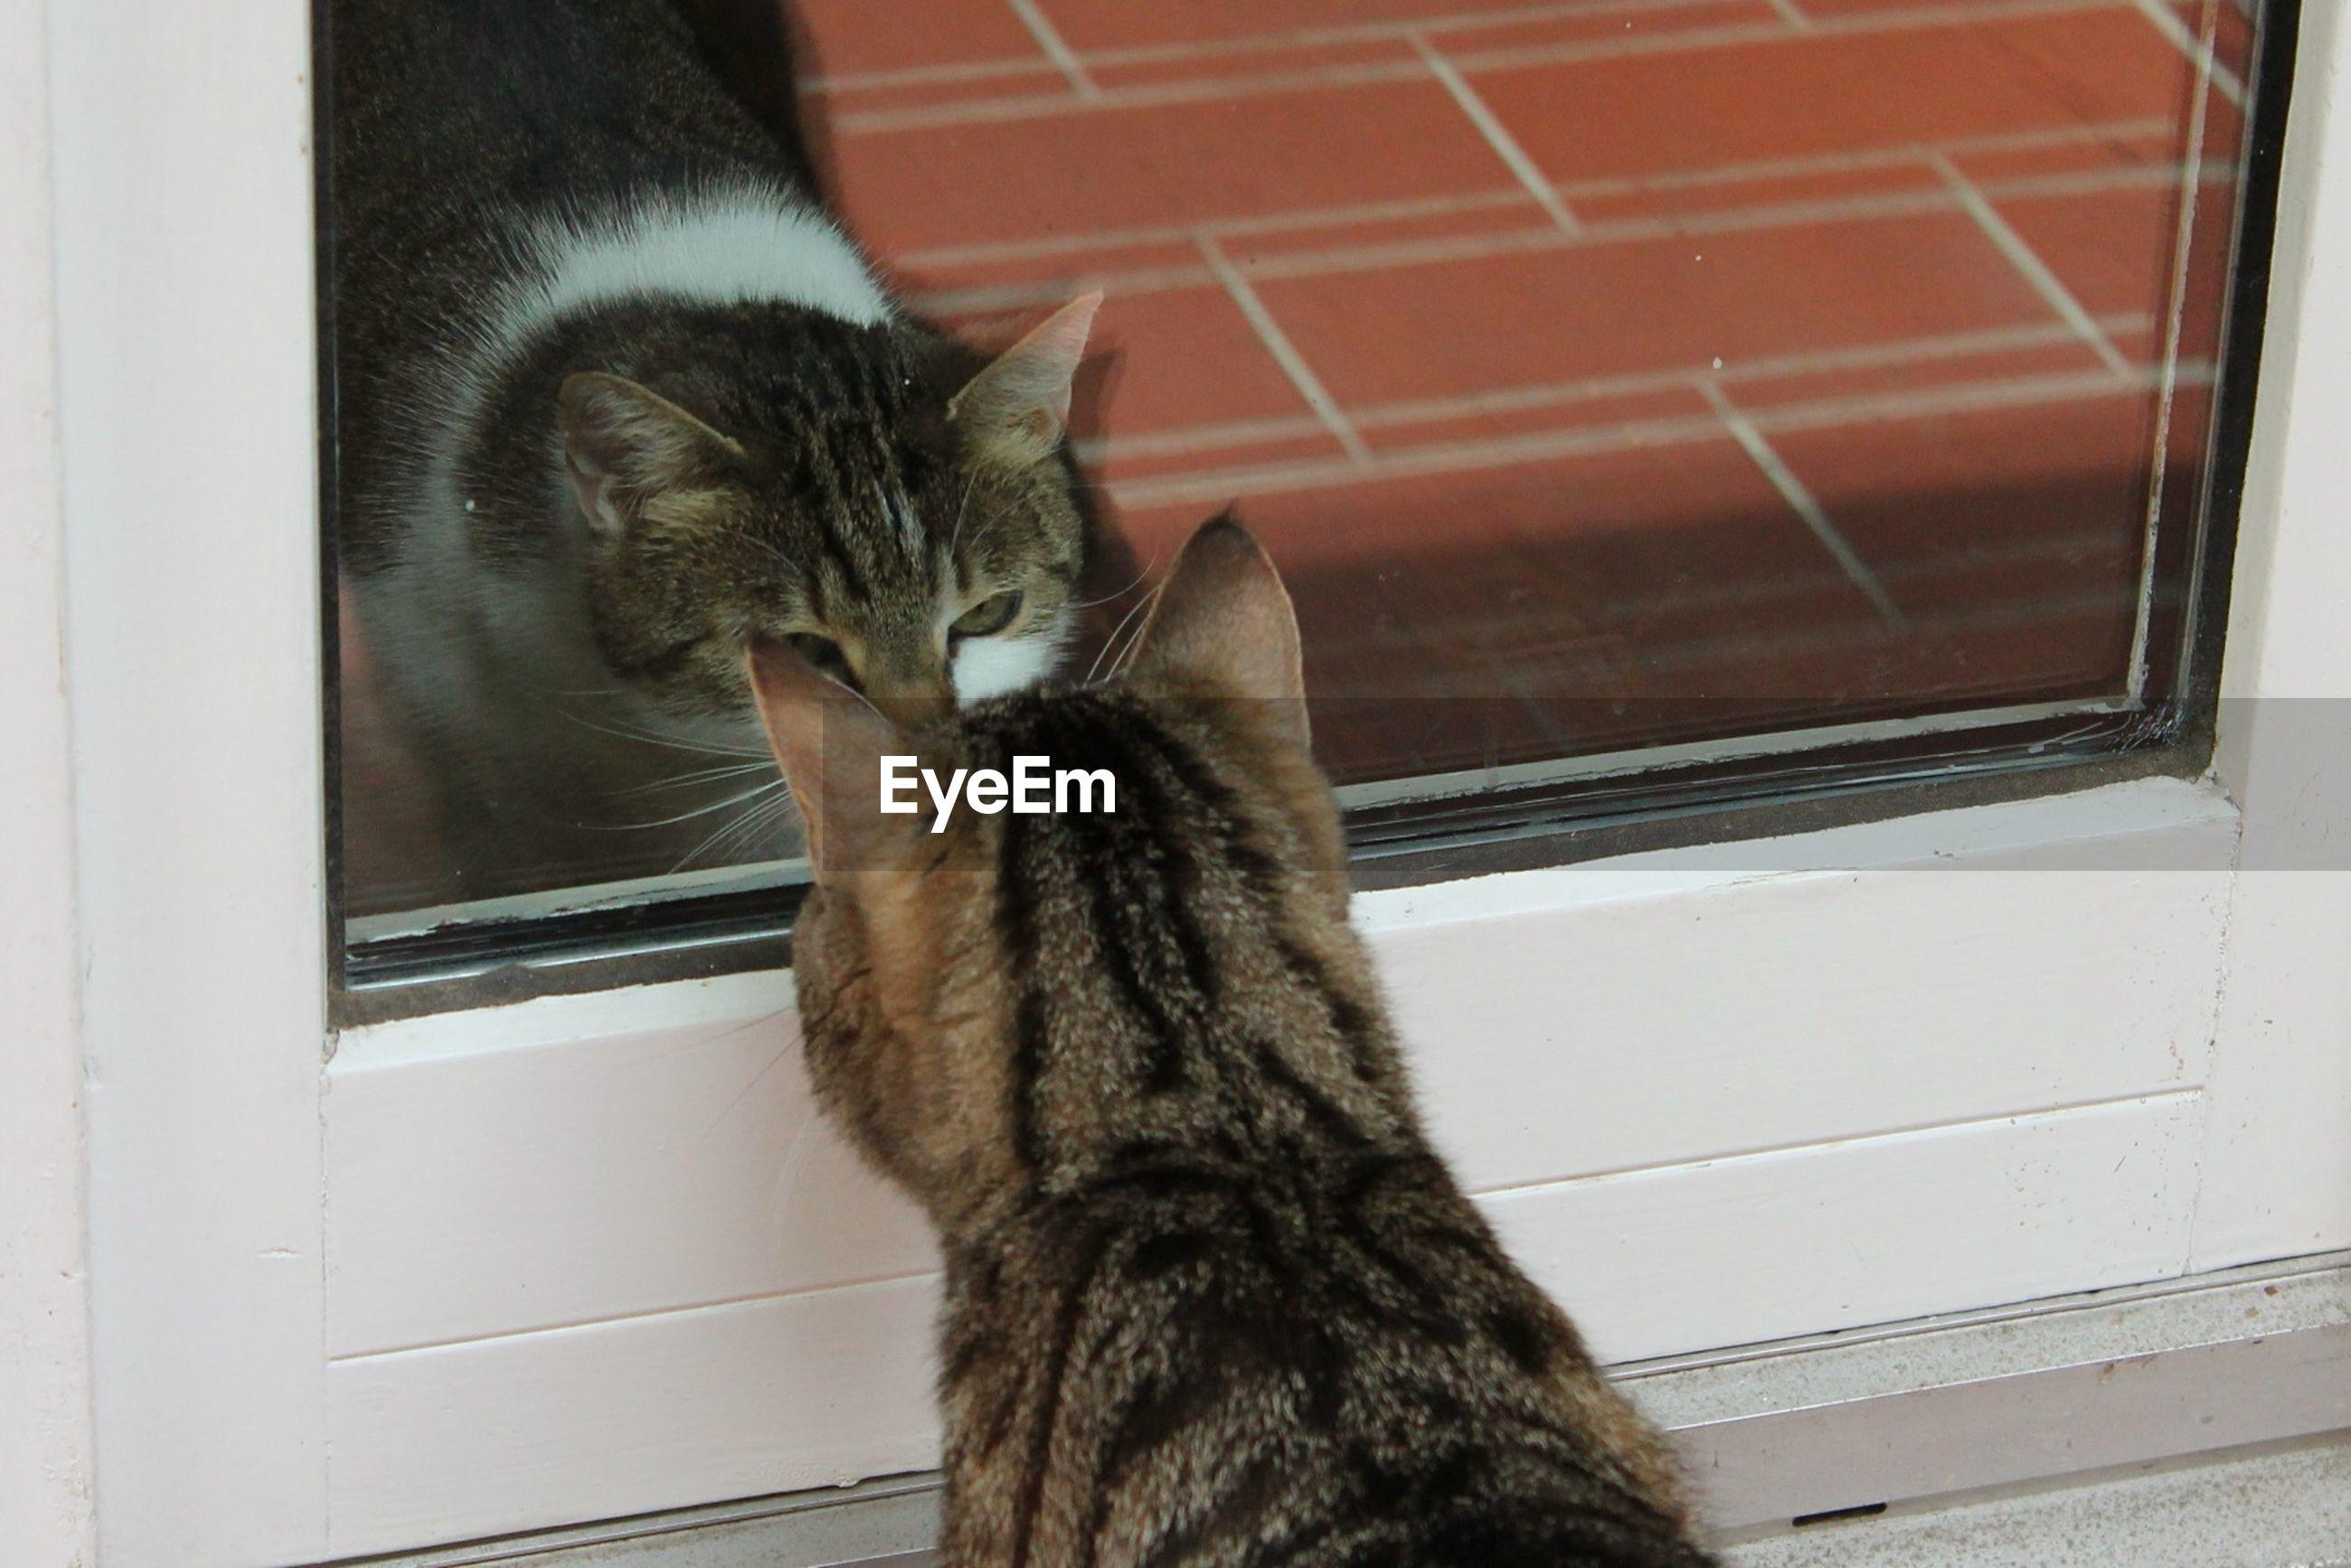 Tabby looking cat through glass door